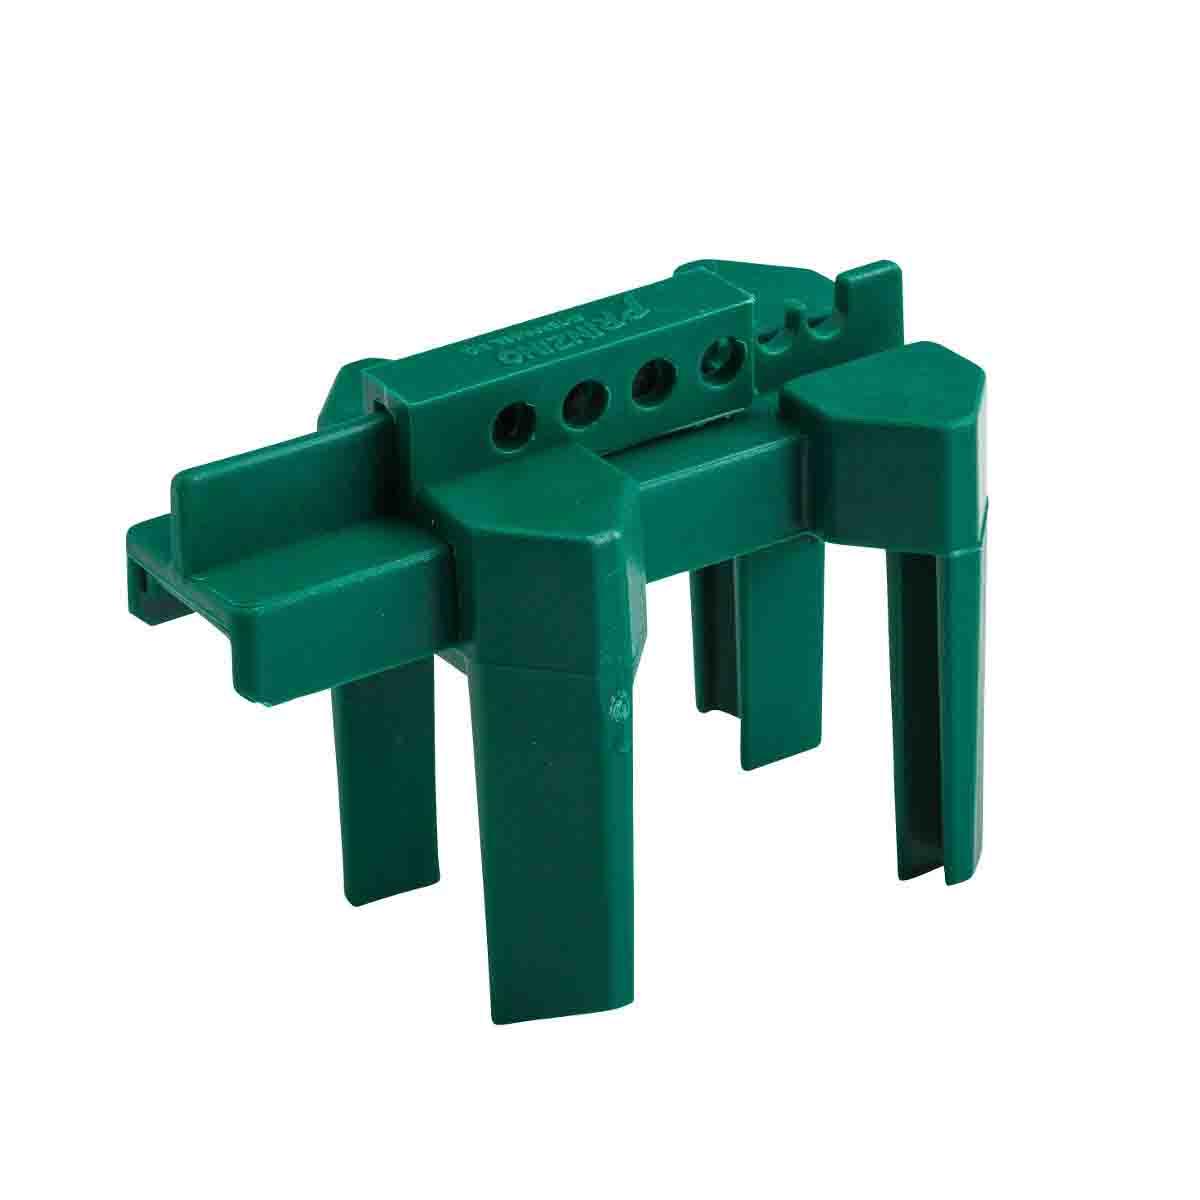 ball valve lockout. brady part: bs07a-gn   45343 4-legged ball valve lockout bradyid.com